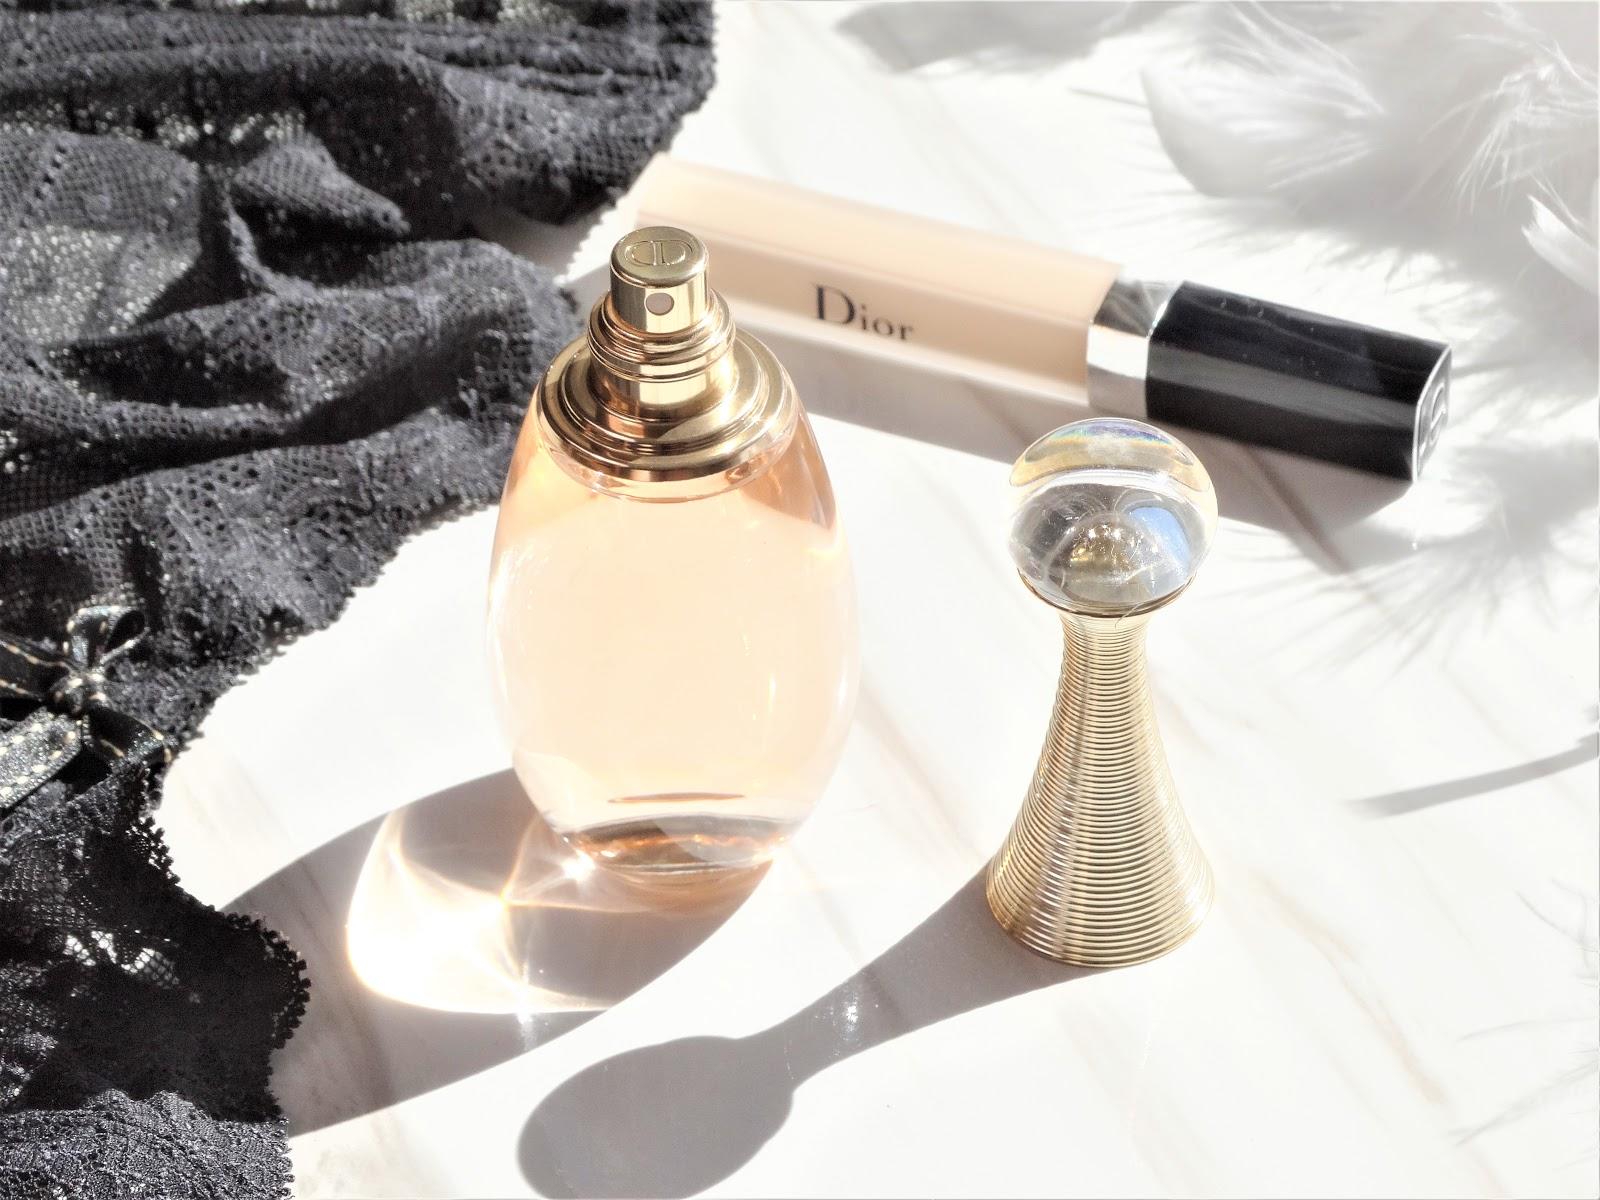 Jadore In Joy De Dior Déclaration Damour à La Vie Ambiance Et